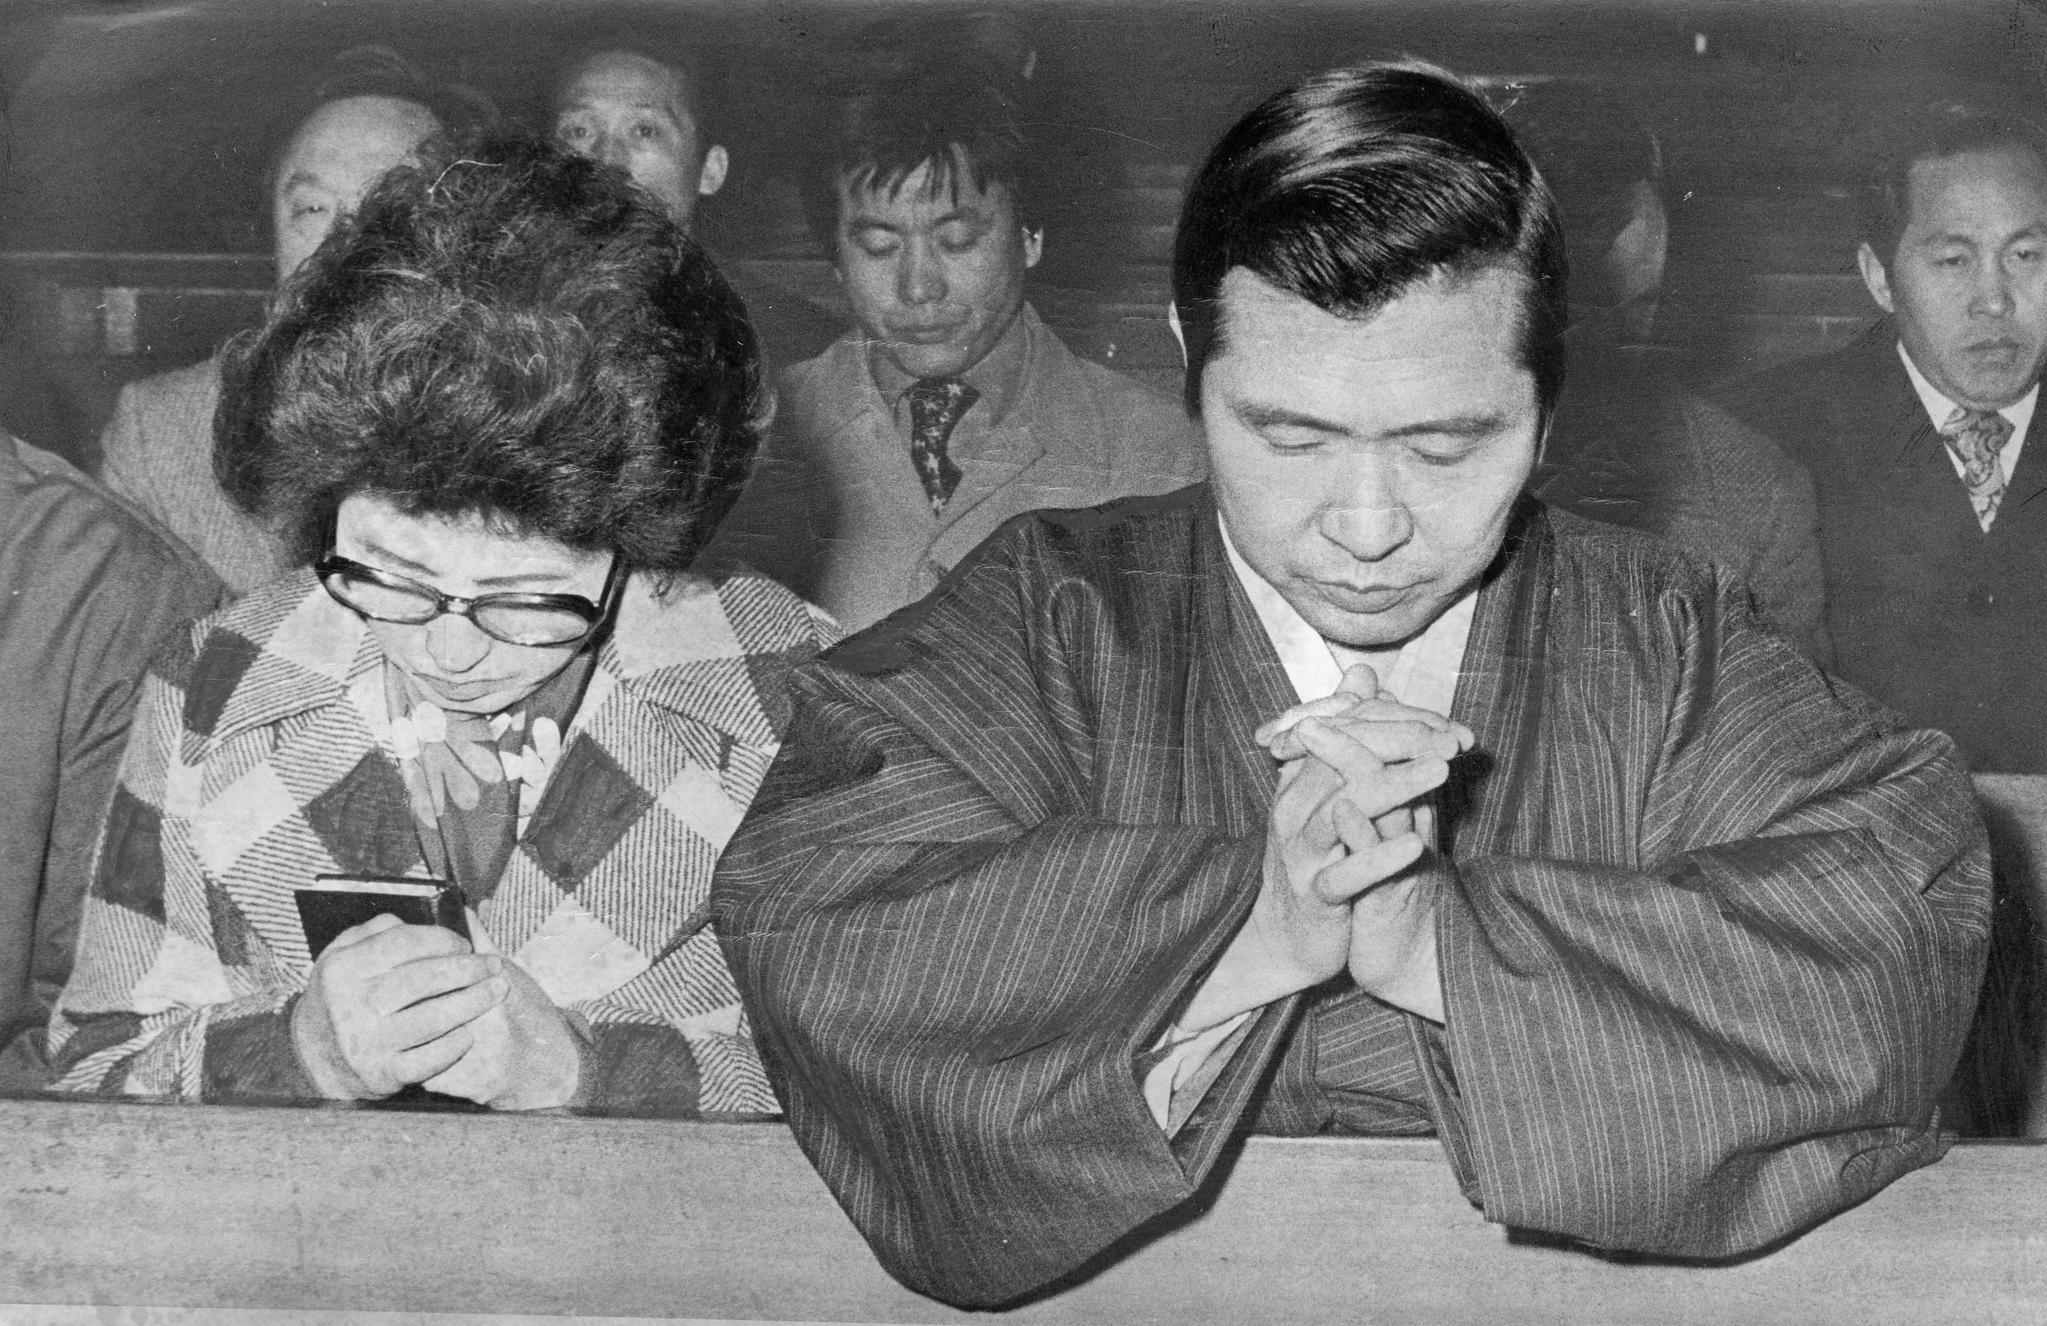 1975년 2월 김대중 전신민당 대통령 후보와 부인 이희호 여사가 국민투표를 거부하고 명동성당에서 오전 7시부터 오후 6시까지 금식을 하며 기도하고 있다.